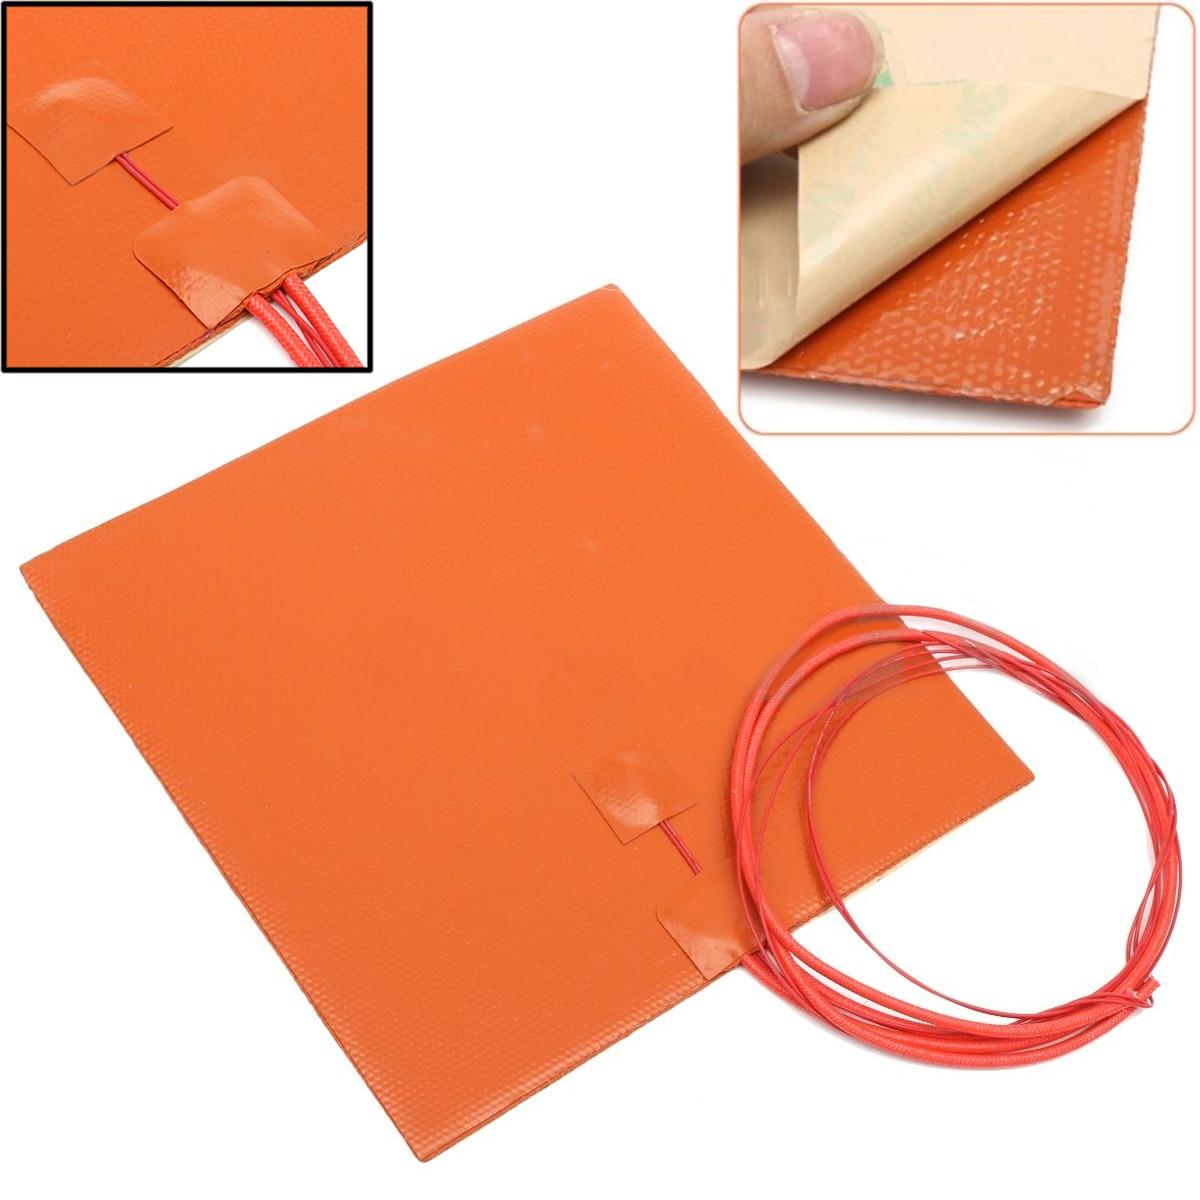 Aquecedor de Silicone para Impressora Ferramenta Almofada 3d Cama Aquecida Aquecimento Esteira Acessórios Accessories200w 12 v 200*200mm